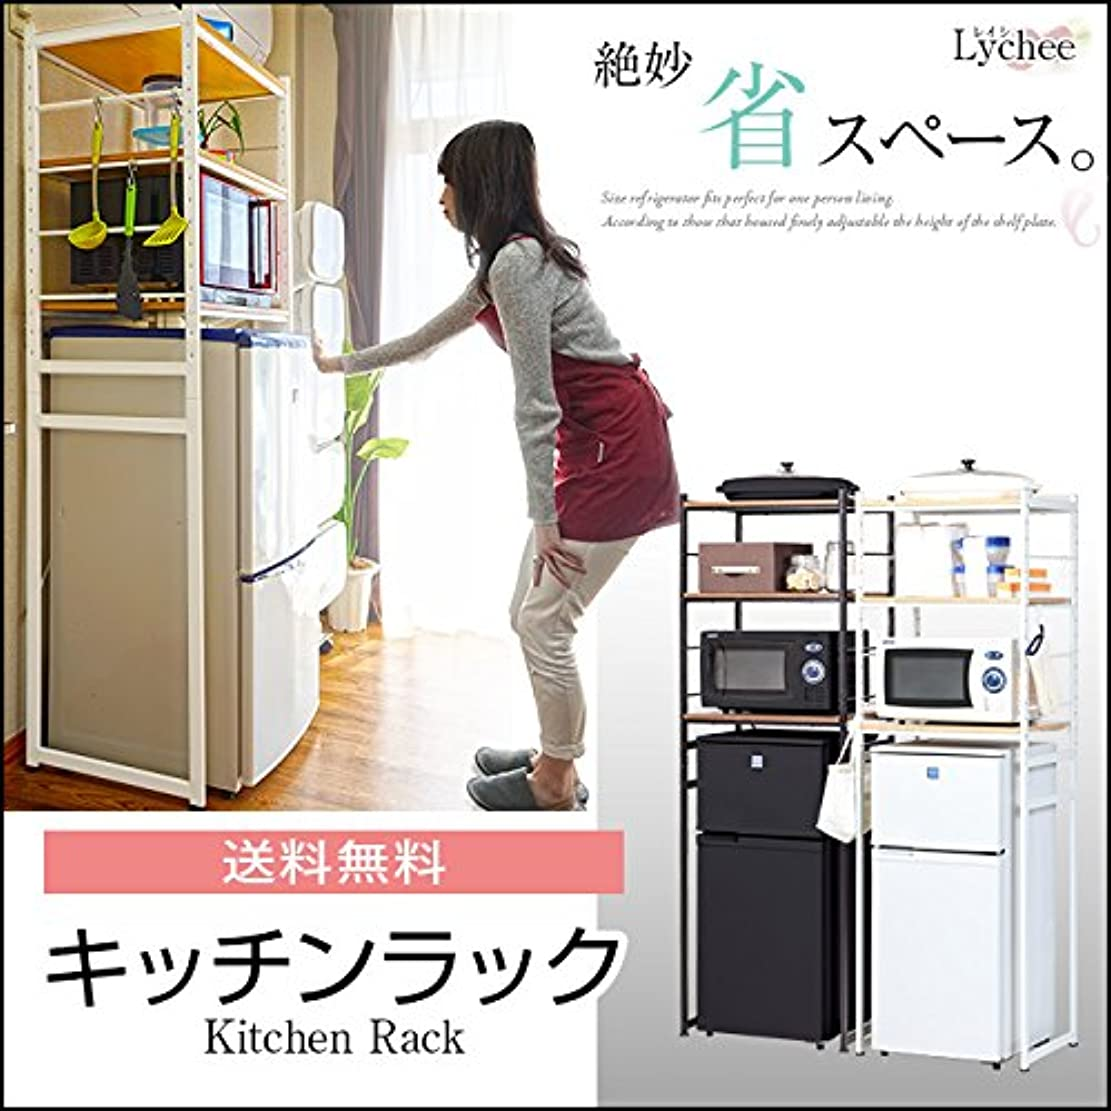 母等々近代化キッチンラック すきま収納冷蔵庫ラック (ブラック)